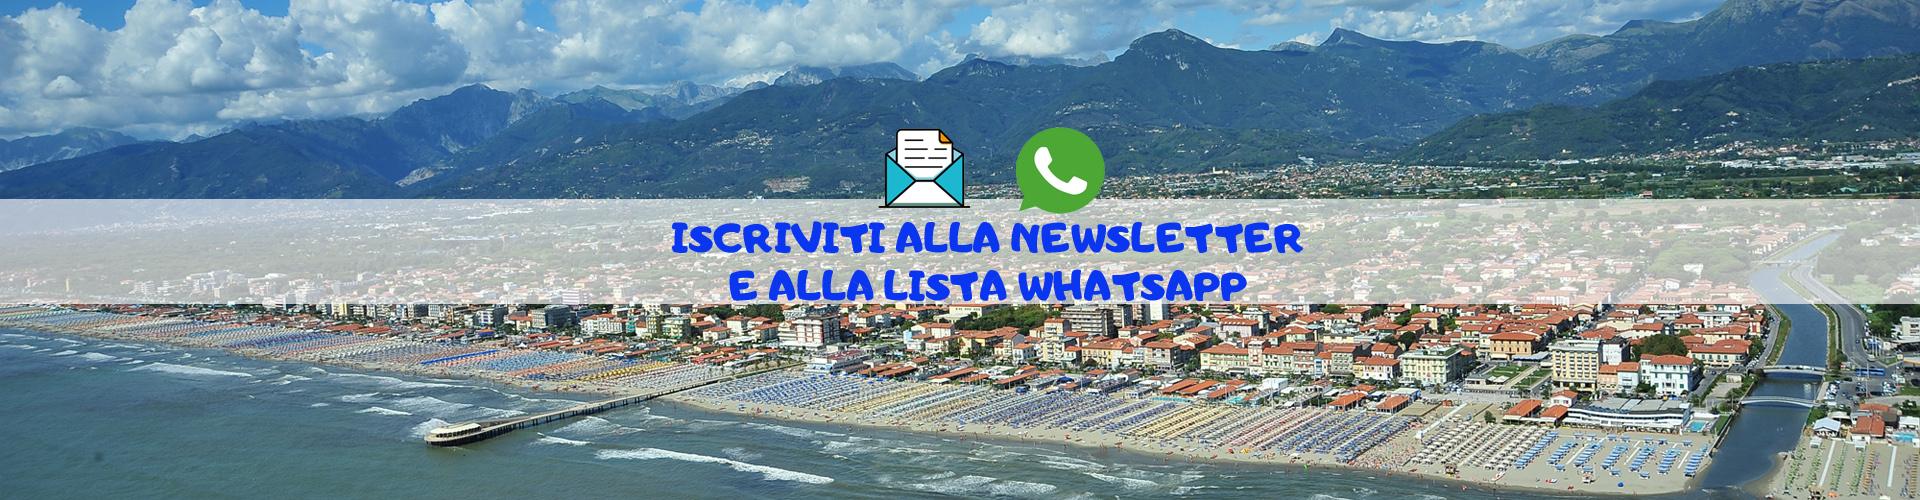 Attività per bambini, eventi in Versilia e consigli per bambini